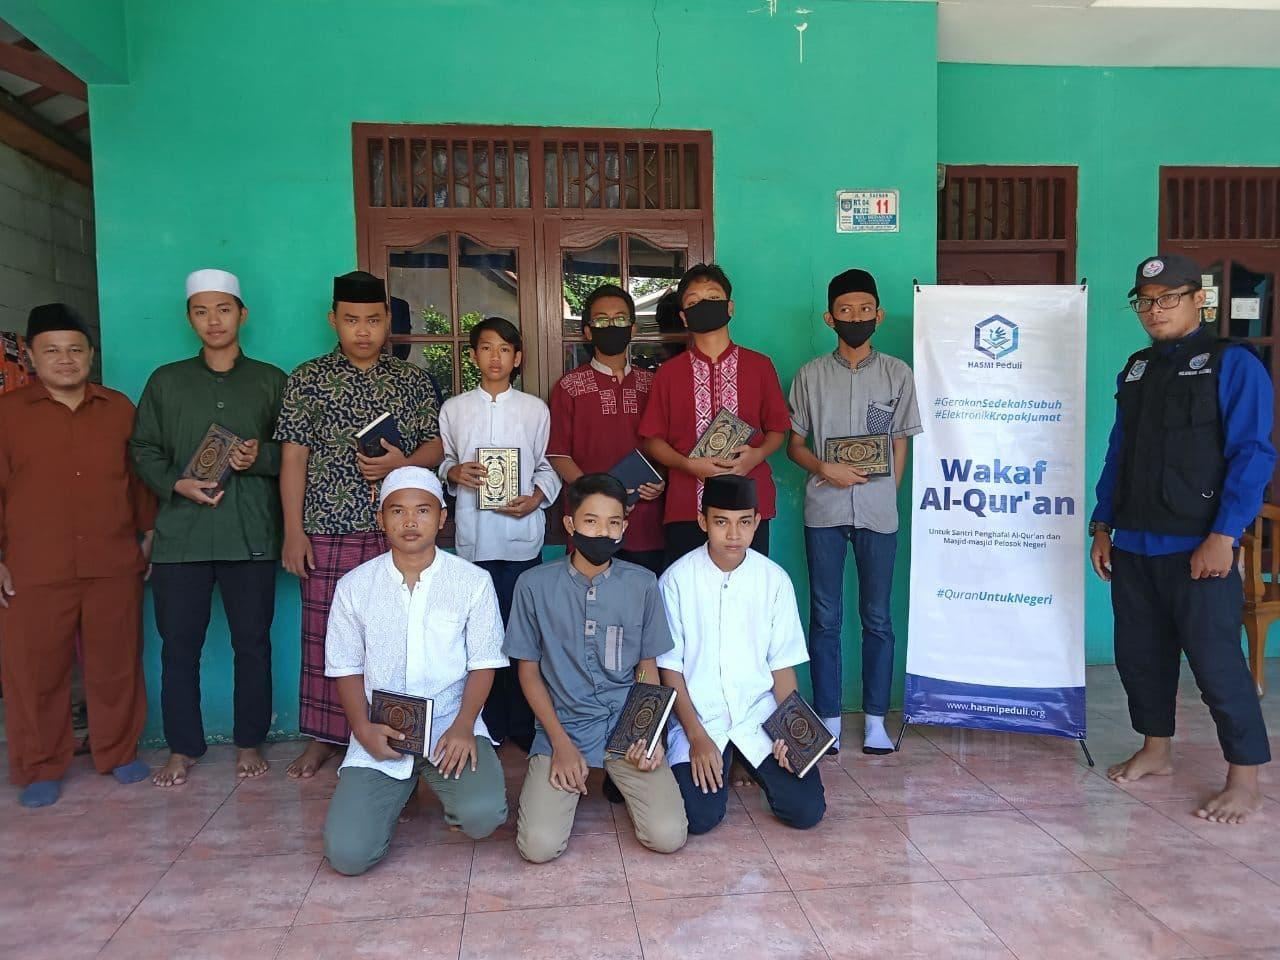 Distribusi Mushaf Al-Qur'an ke Yayasan Raudhatul Ulum Depok